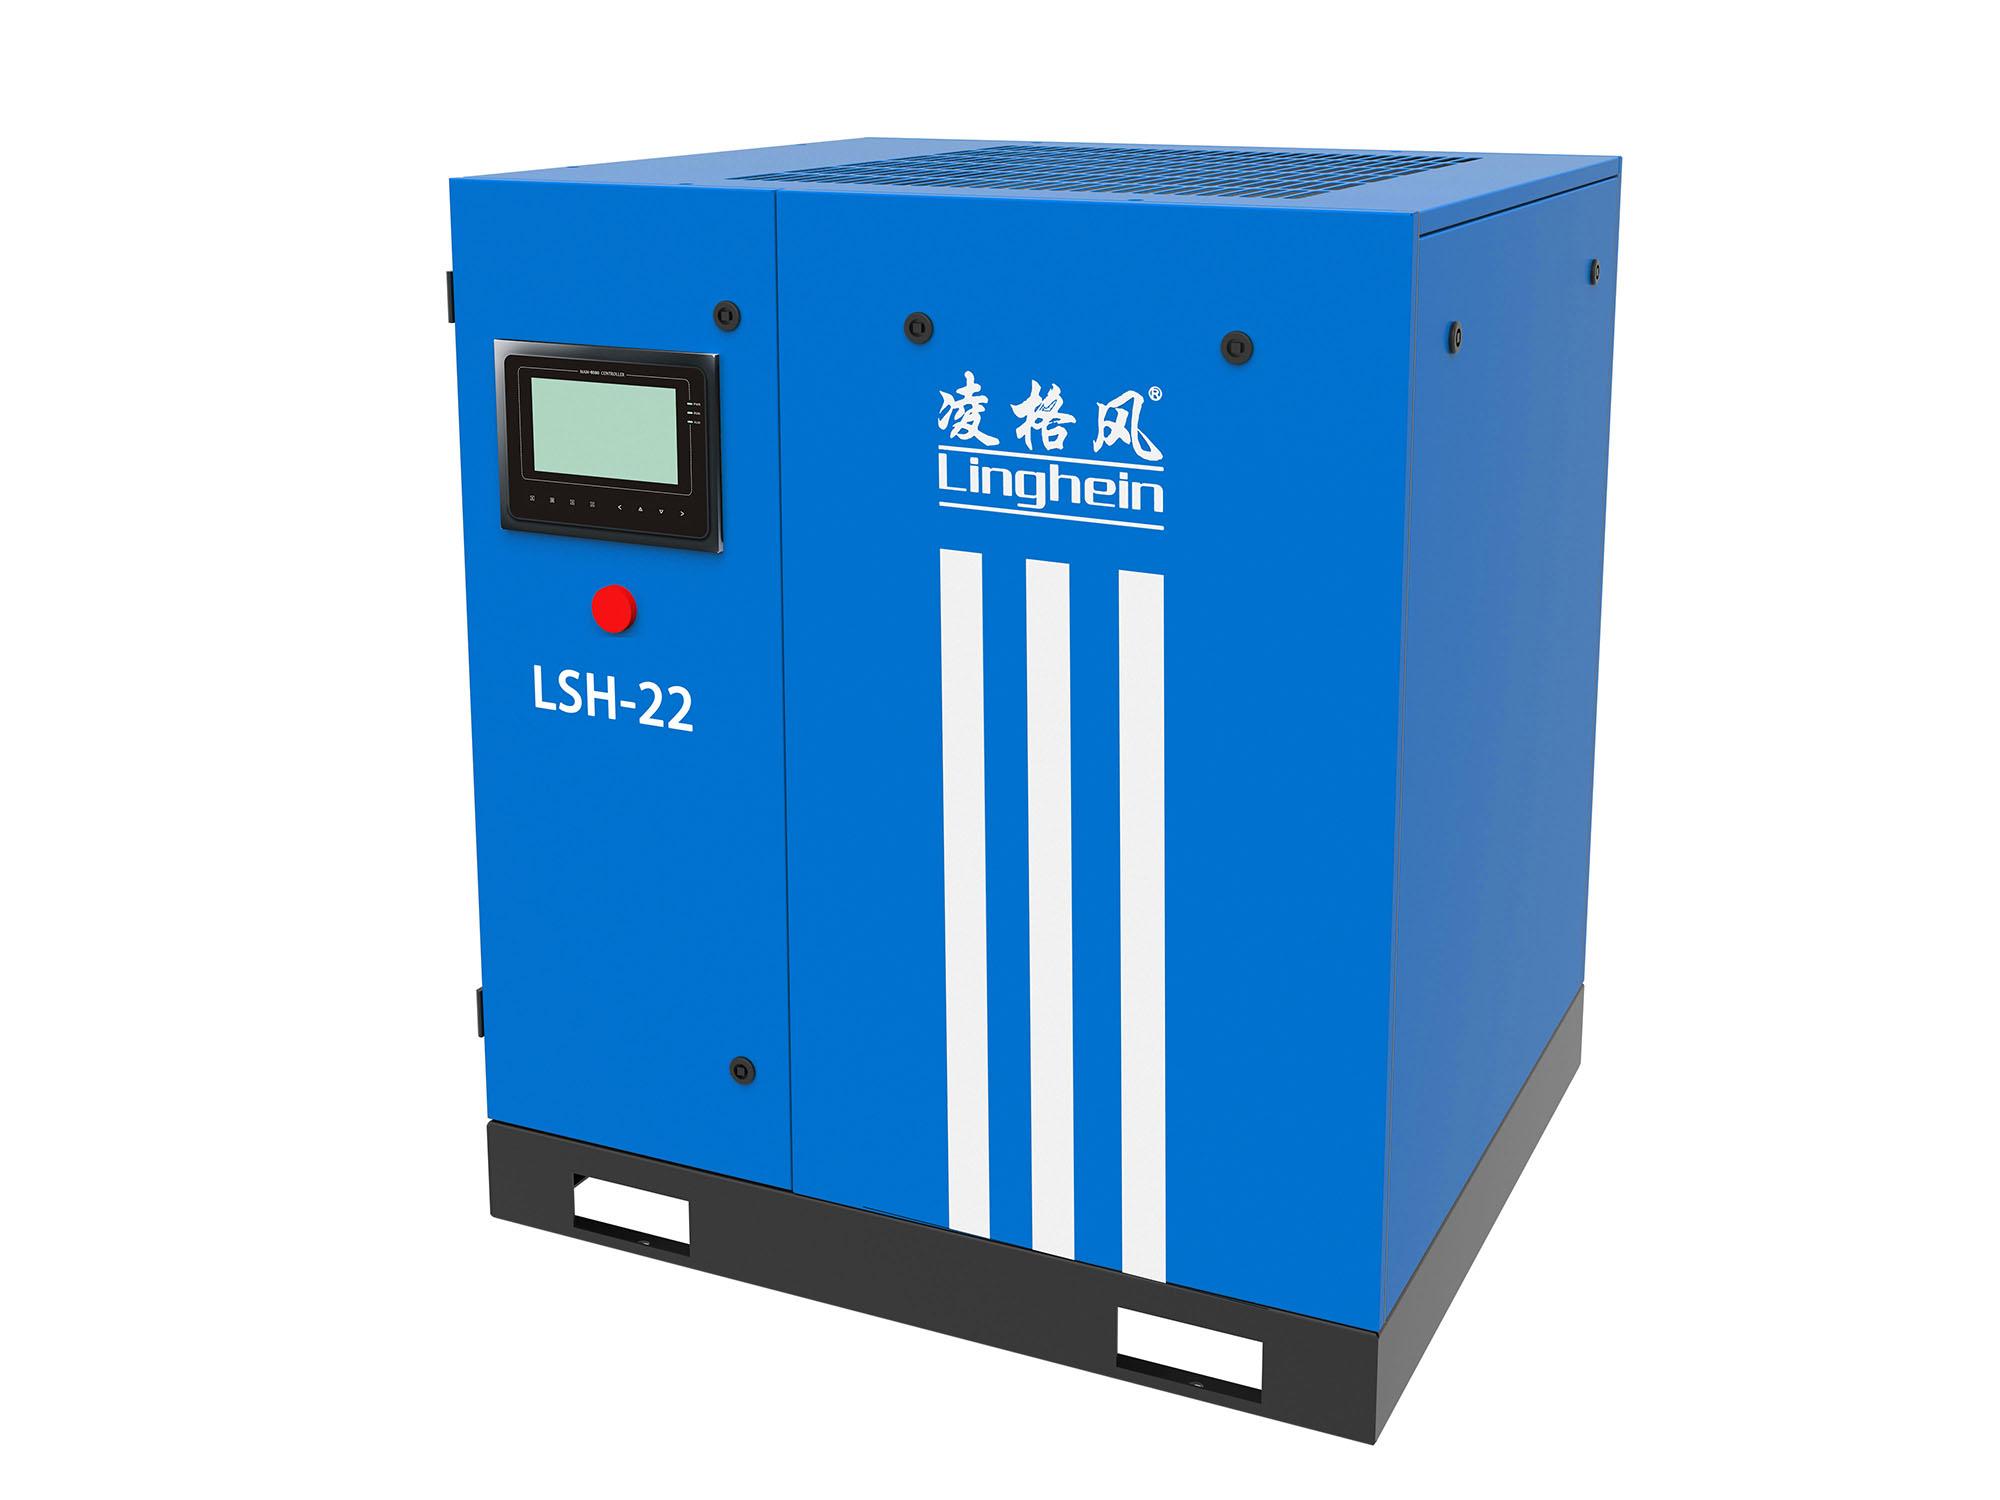 天津变频油冷永磁空压机怎么选 值得信赖 上海凌格风气体技术供应